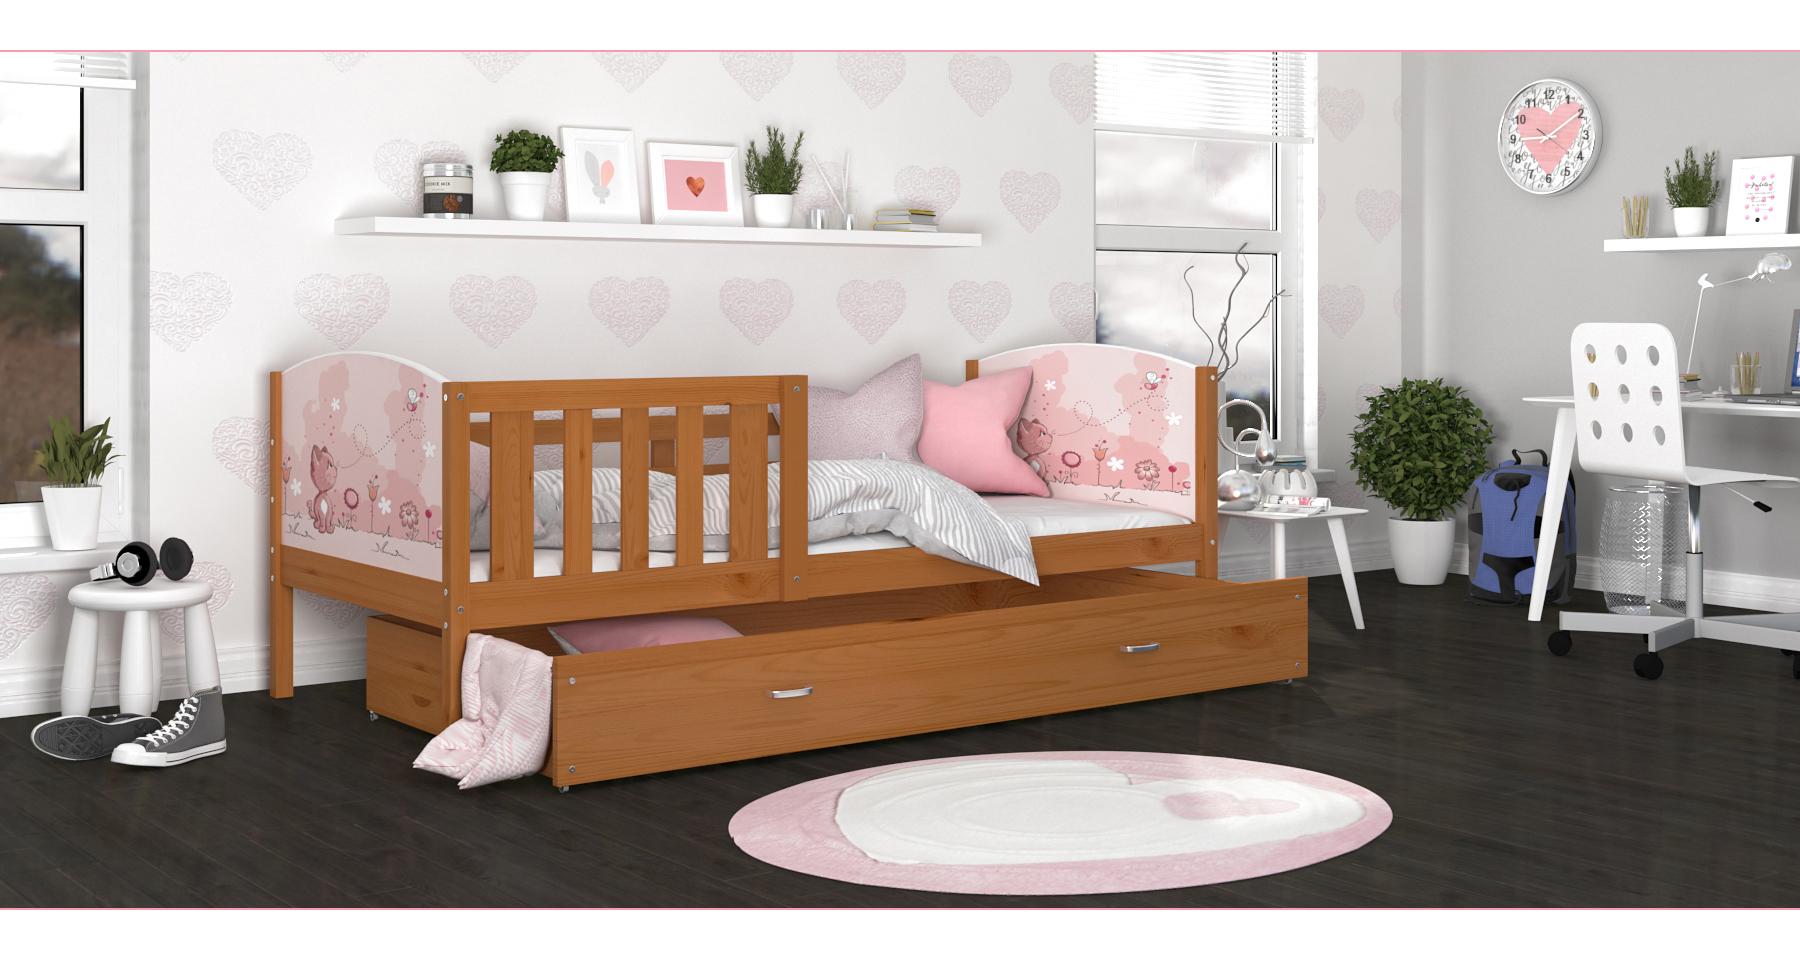 ArtAJ Detská posteľ Tami P / jelša Tami rozmer: 160 x 80 cm, Tami typ: bez matraca